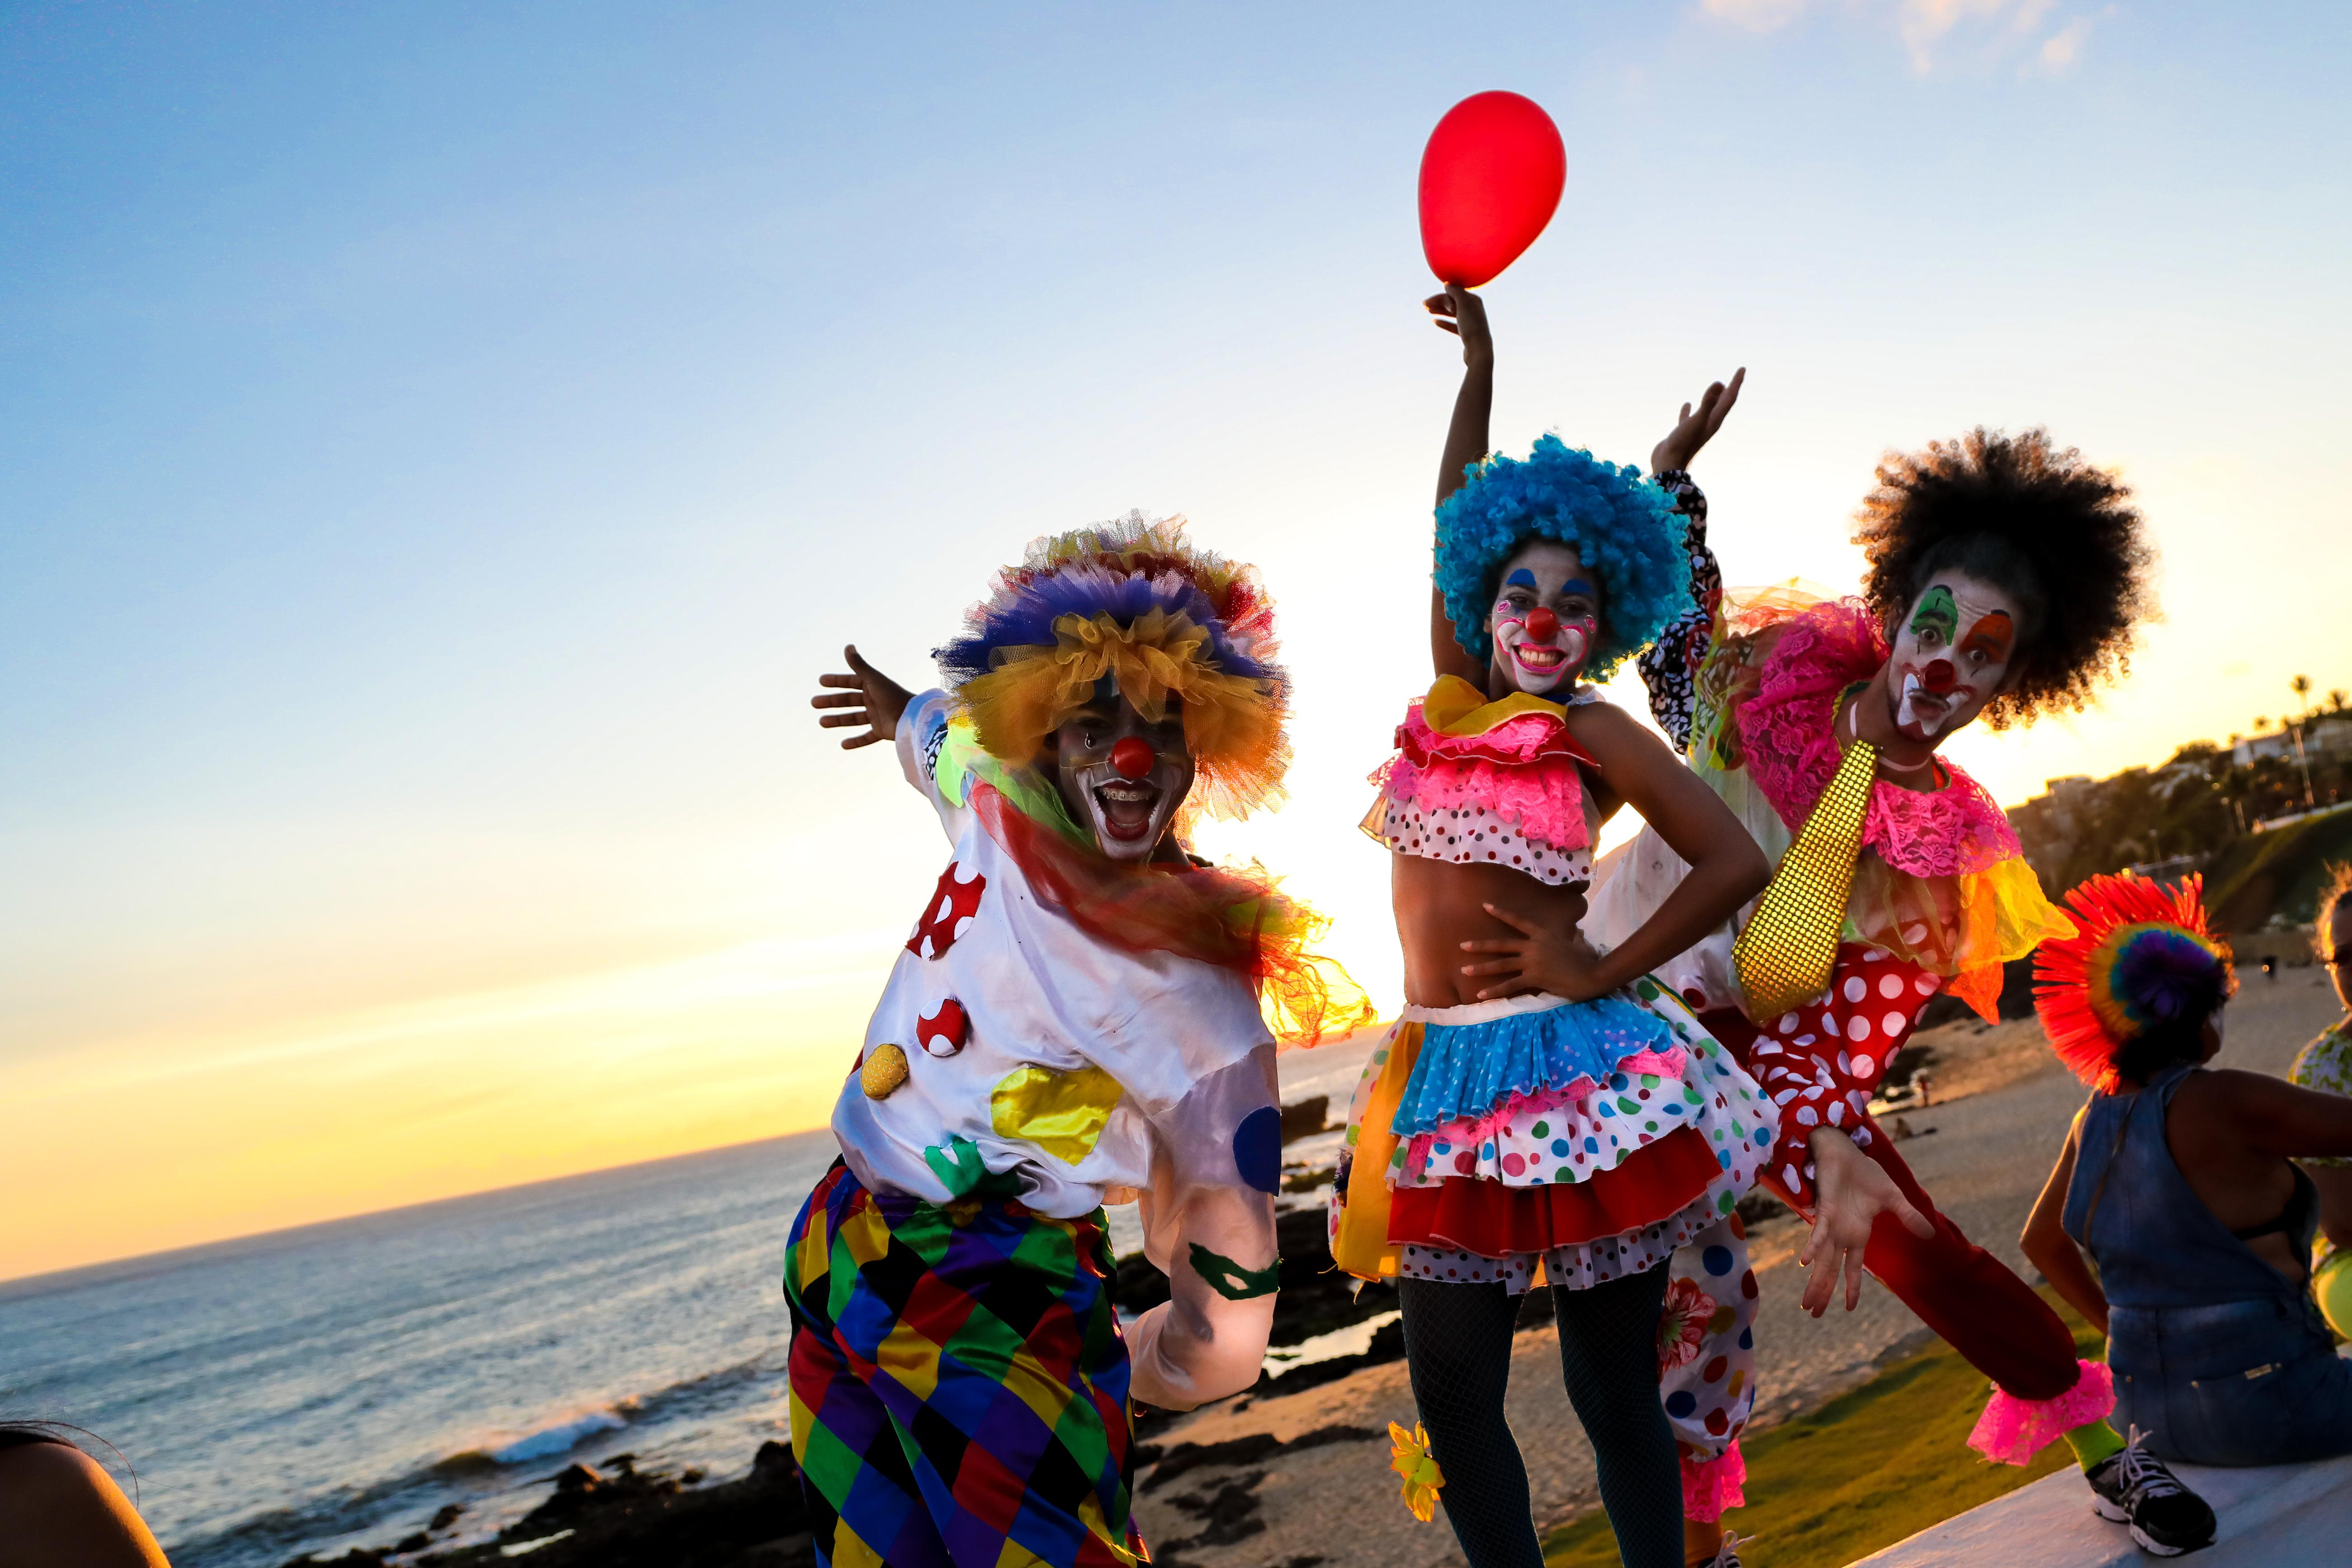 480f4e3be5f Pré-carnaval  confira as festas e blocos que agitam a cidade a partir desse  sábado - Jornal CORREIO